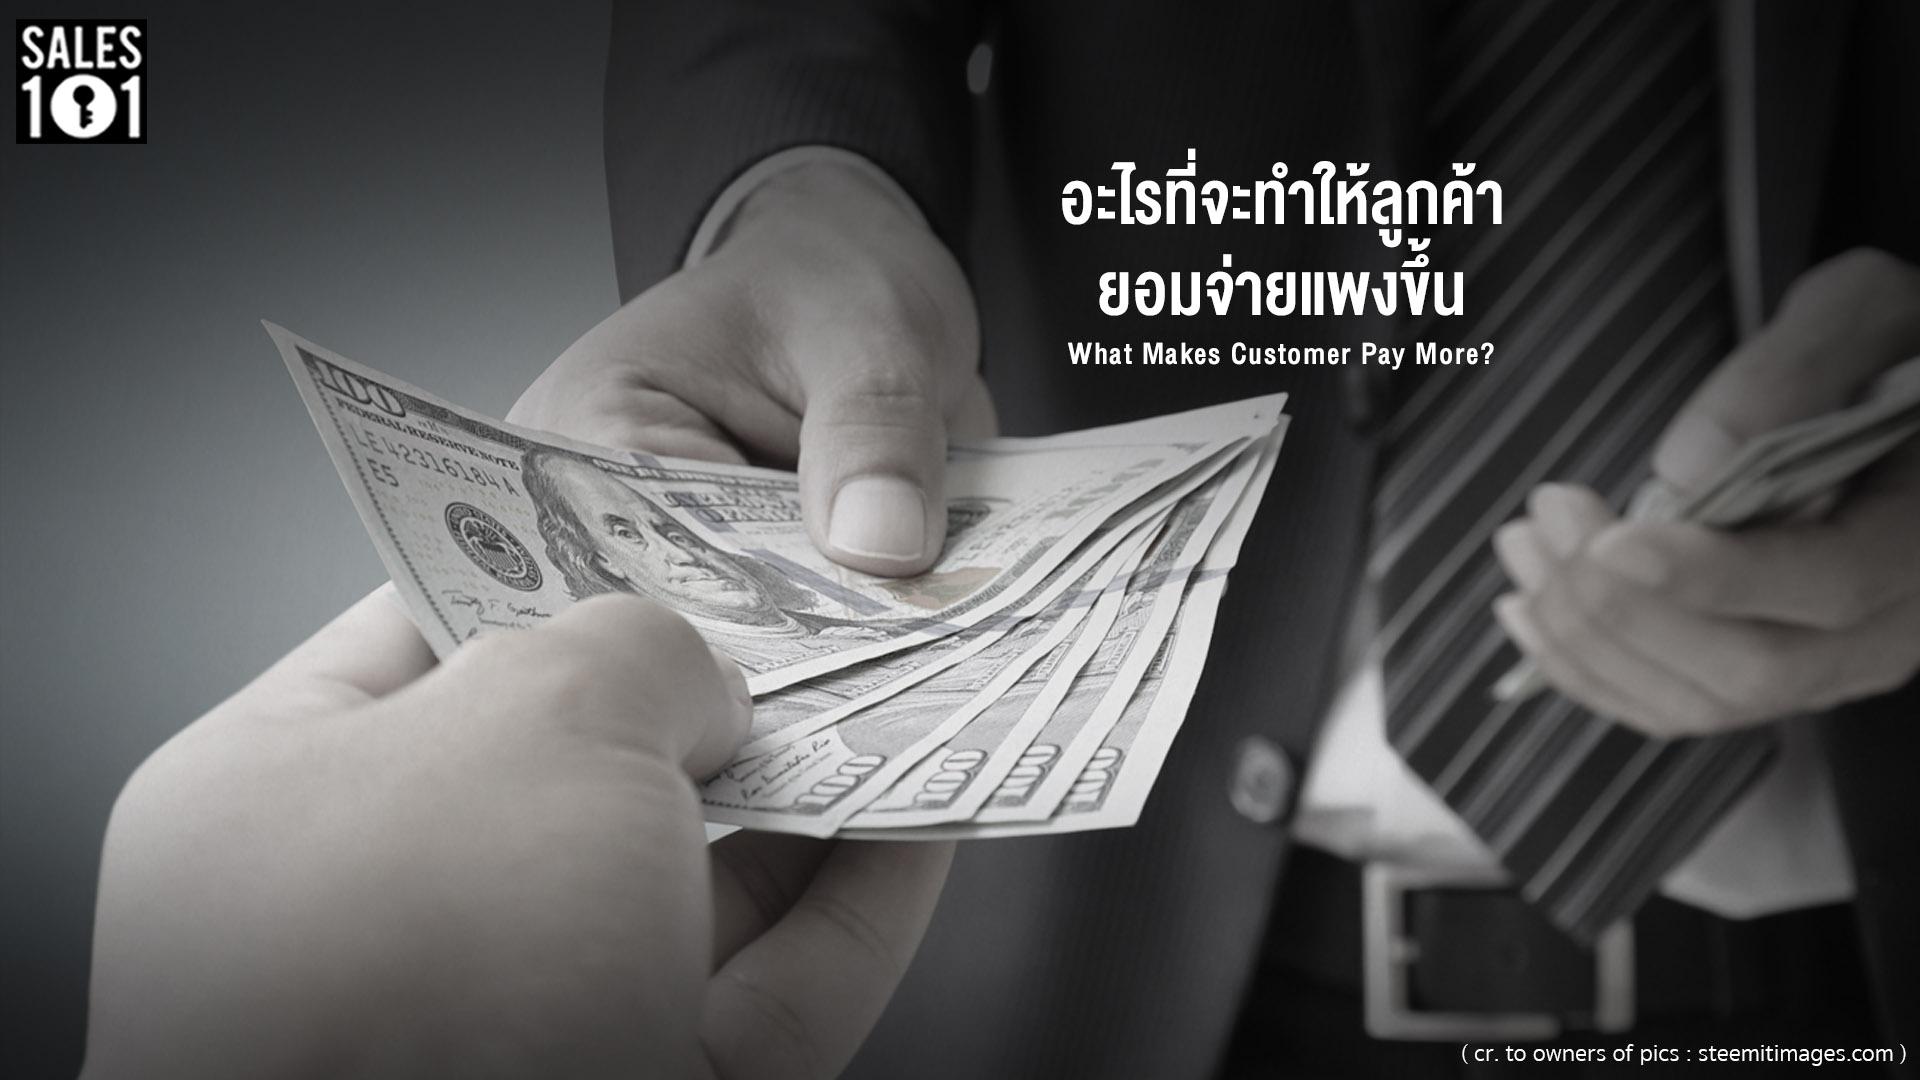 เทคนิคการขาย - อะไรที่จะทำให้ลูกค้ายอมจ่ายแพงขึ้น